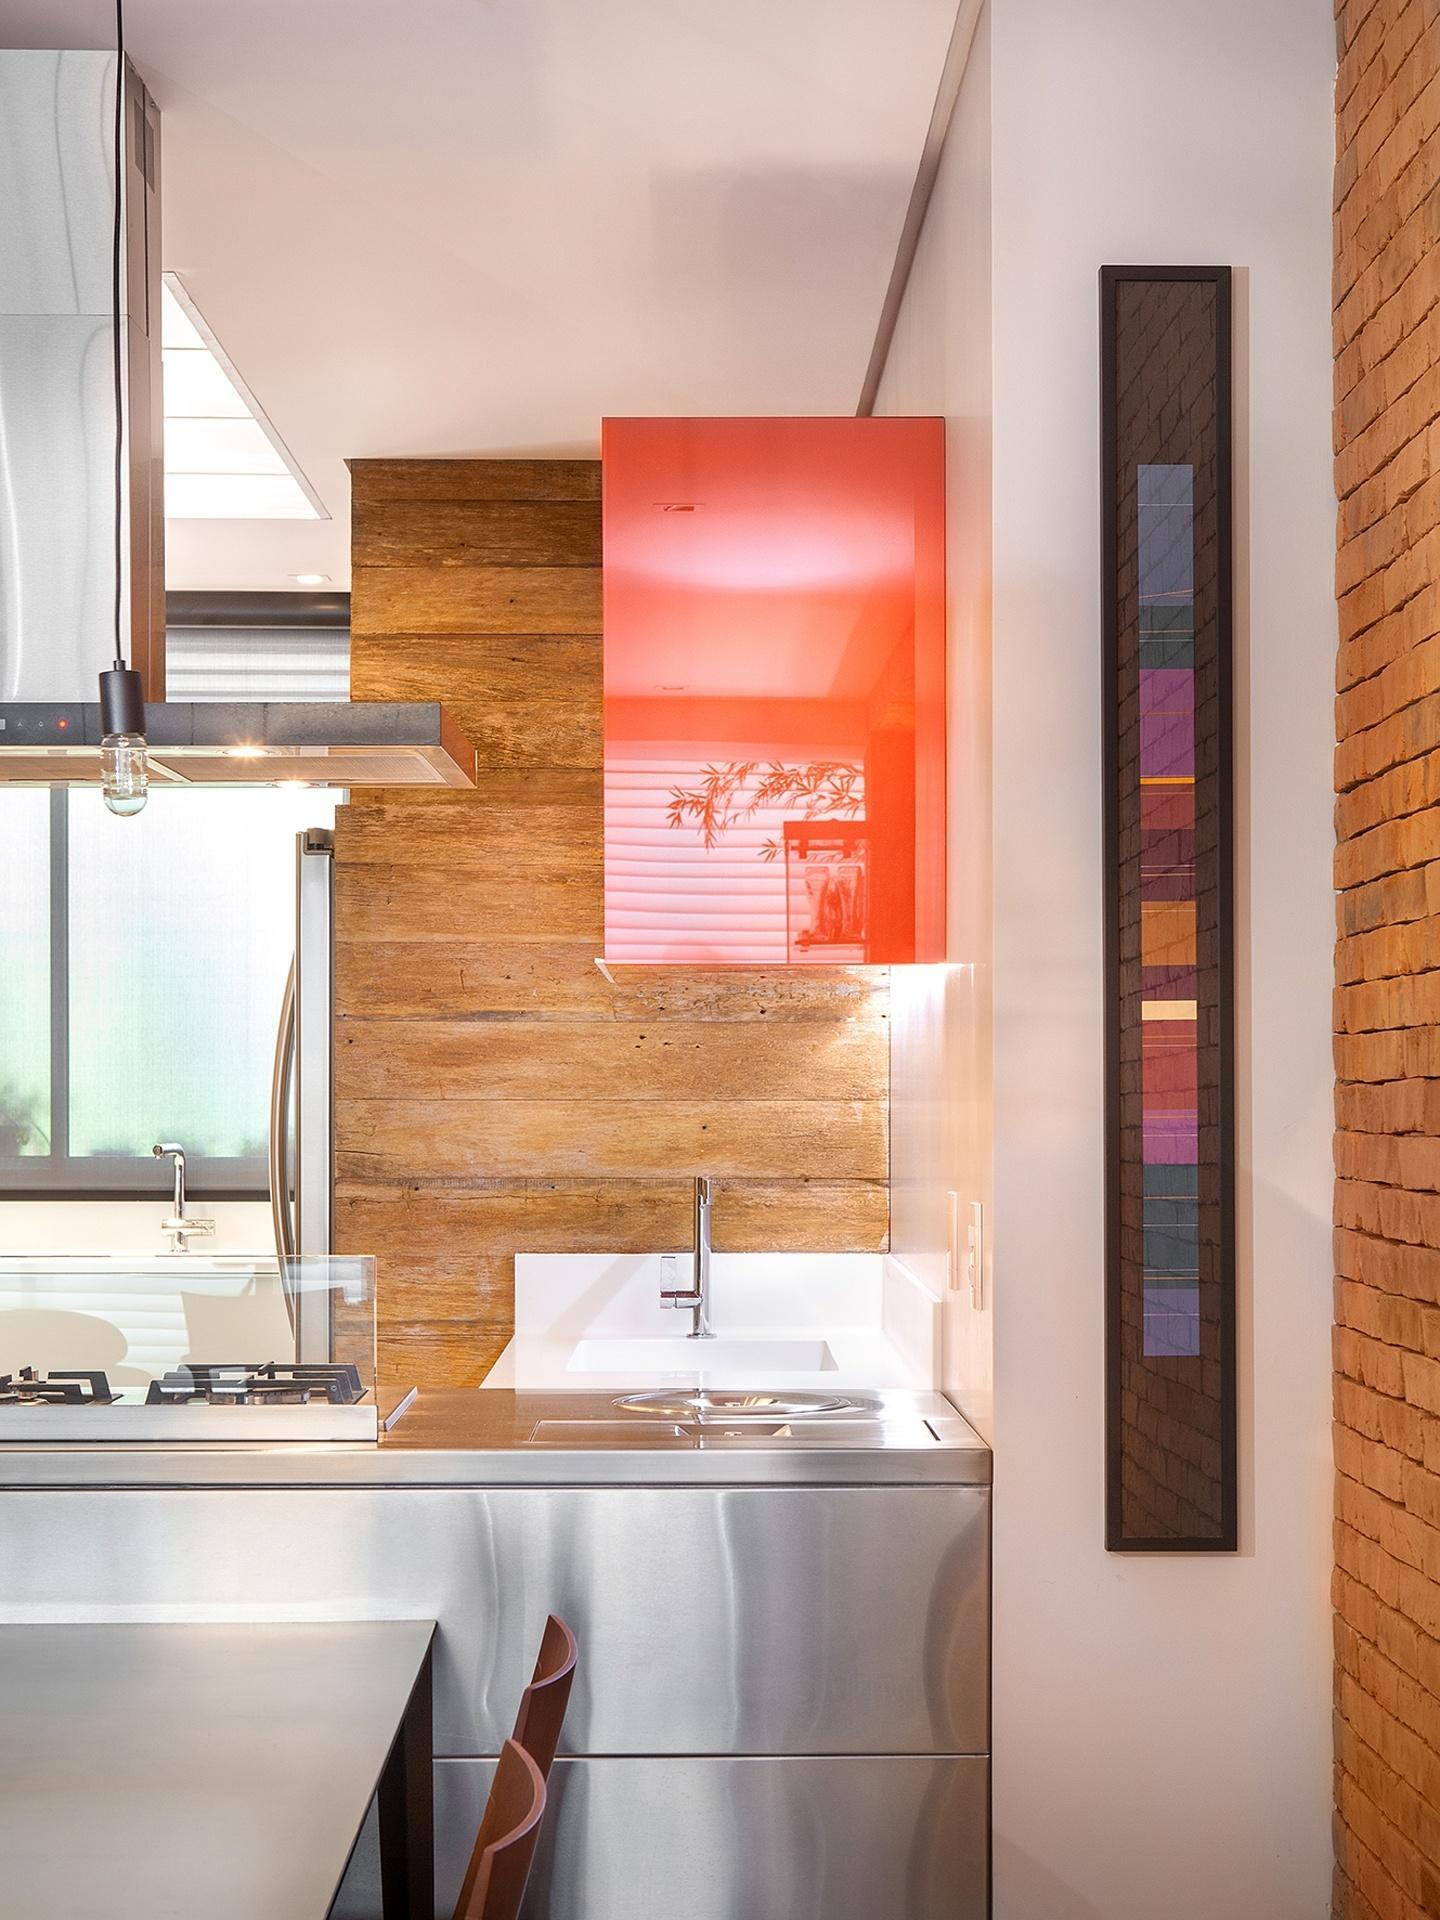 Detalhe da bancada da cozinha: em aço inox, abriga o cooktop e compartimentos para as lixeiras. Sobre ela, a coifa ajuda a renovar o ar, nos momentos de cocção. O armário é de vidro no tom coral. Sob ele, o tampo da pia em Corian branco se sobressai na parede de madeira de demolição. Apartamento em Floripa (SC), com interiores assinados do Pimont Arquitetura